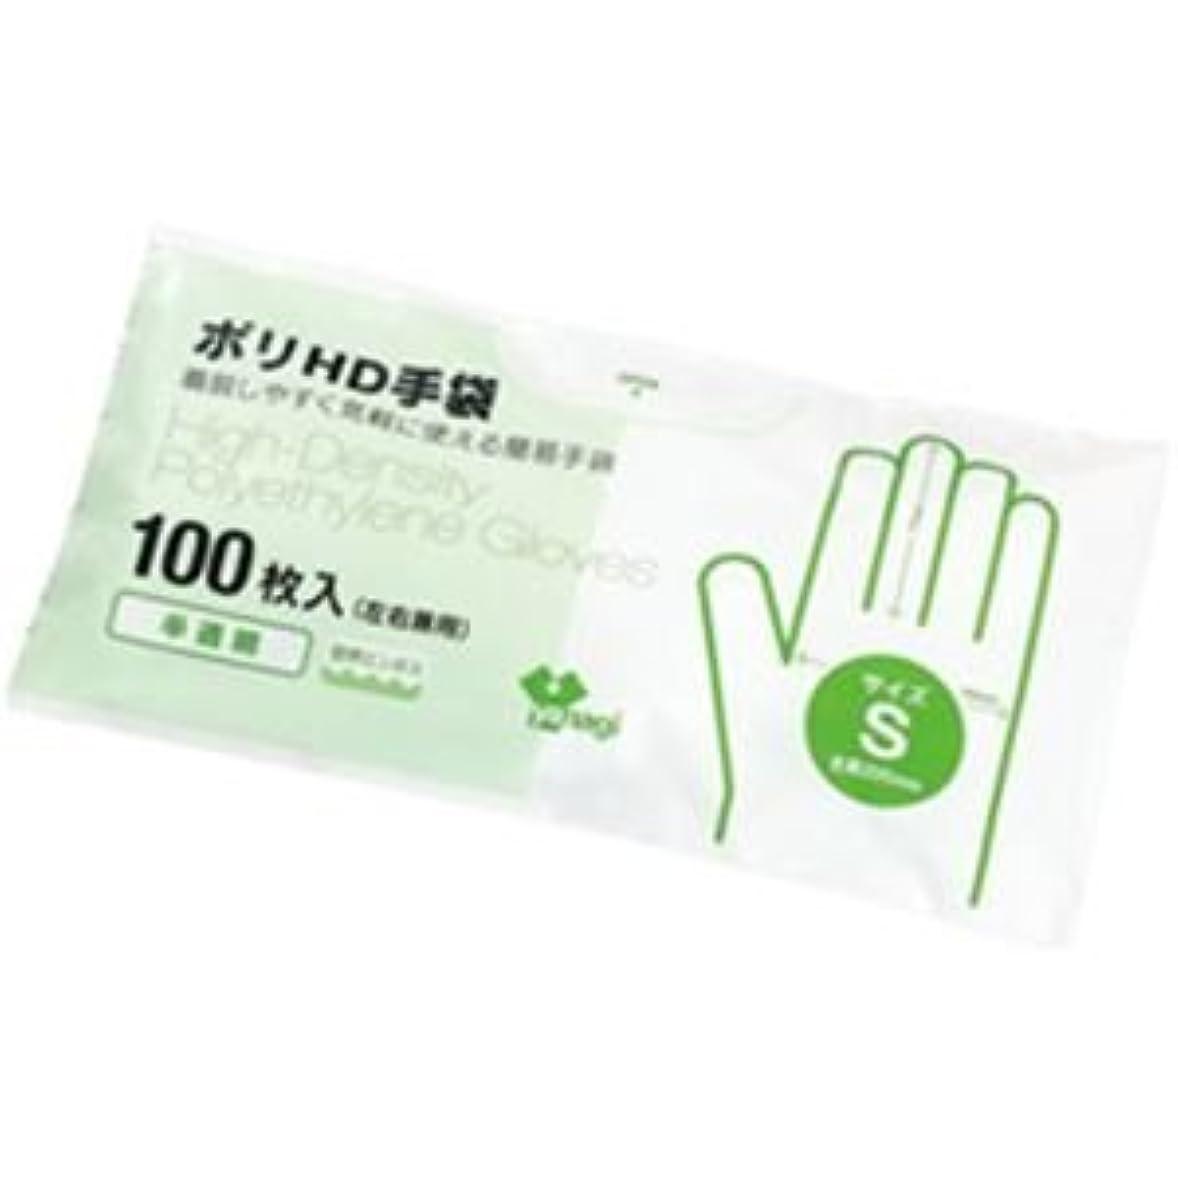 疑問に思う十戦略(業務用セット) やなぎプロダクツ 高密度ポリエチレン手袋 S 半透明 1箱(100枚) 【×30セット】 dS-1638275